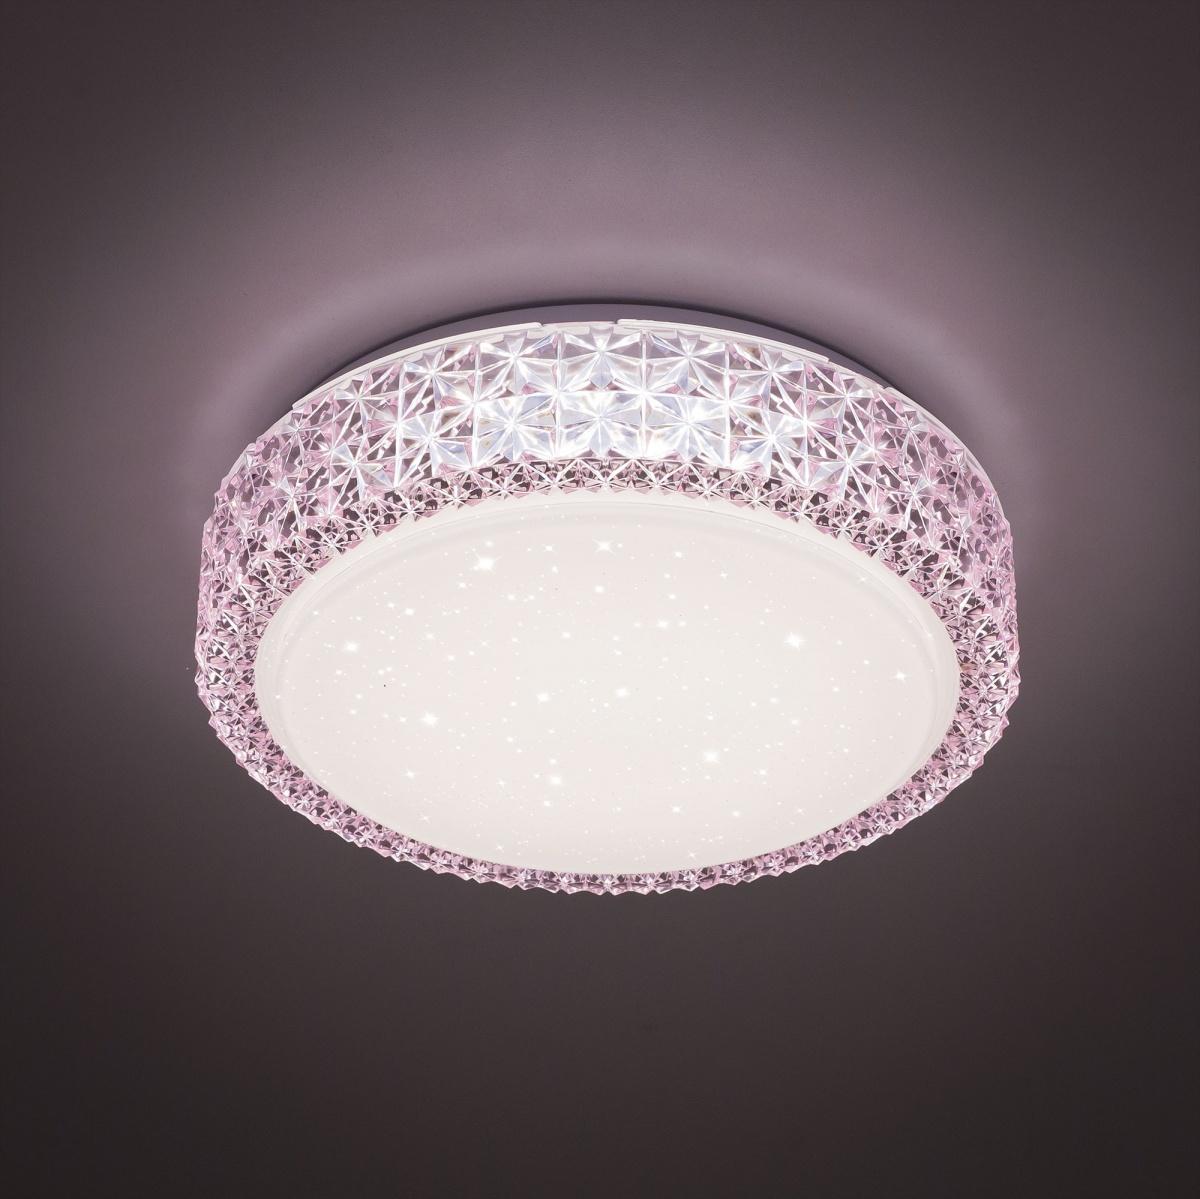 CITILUX CL705014 Потолочный светильник КРИСТАЛИНО 18x1W LED 3000K розовый